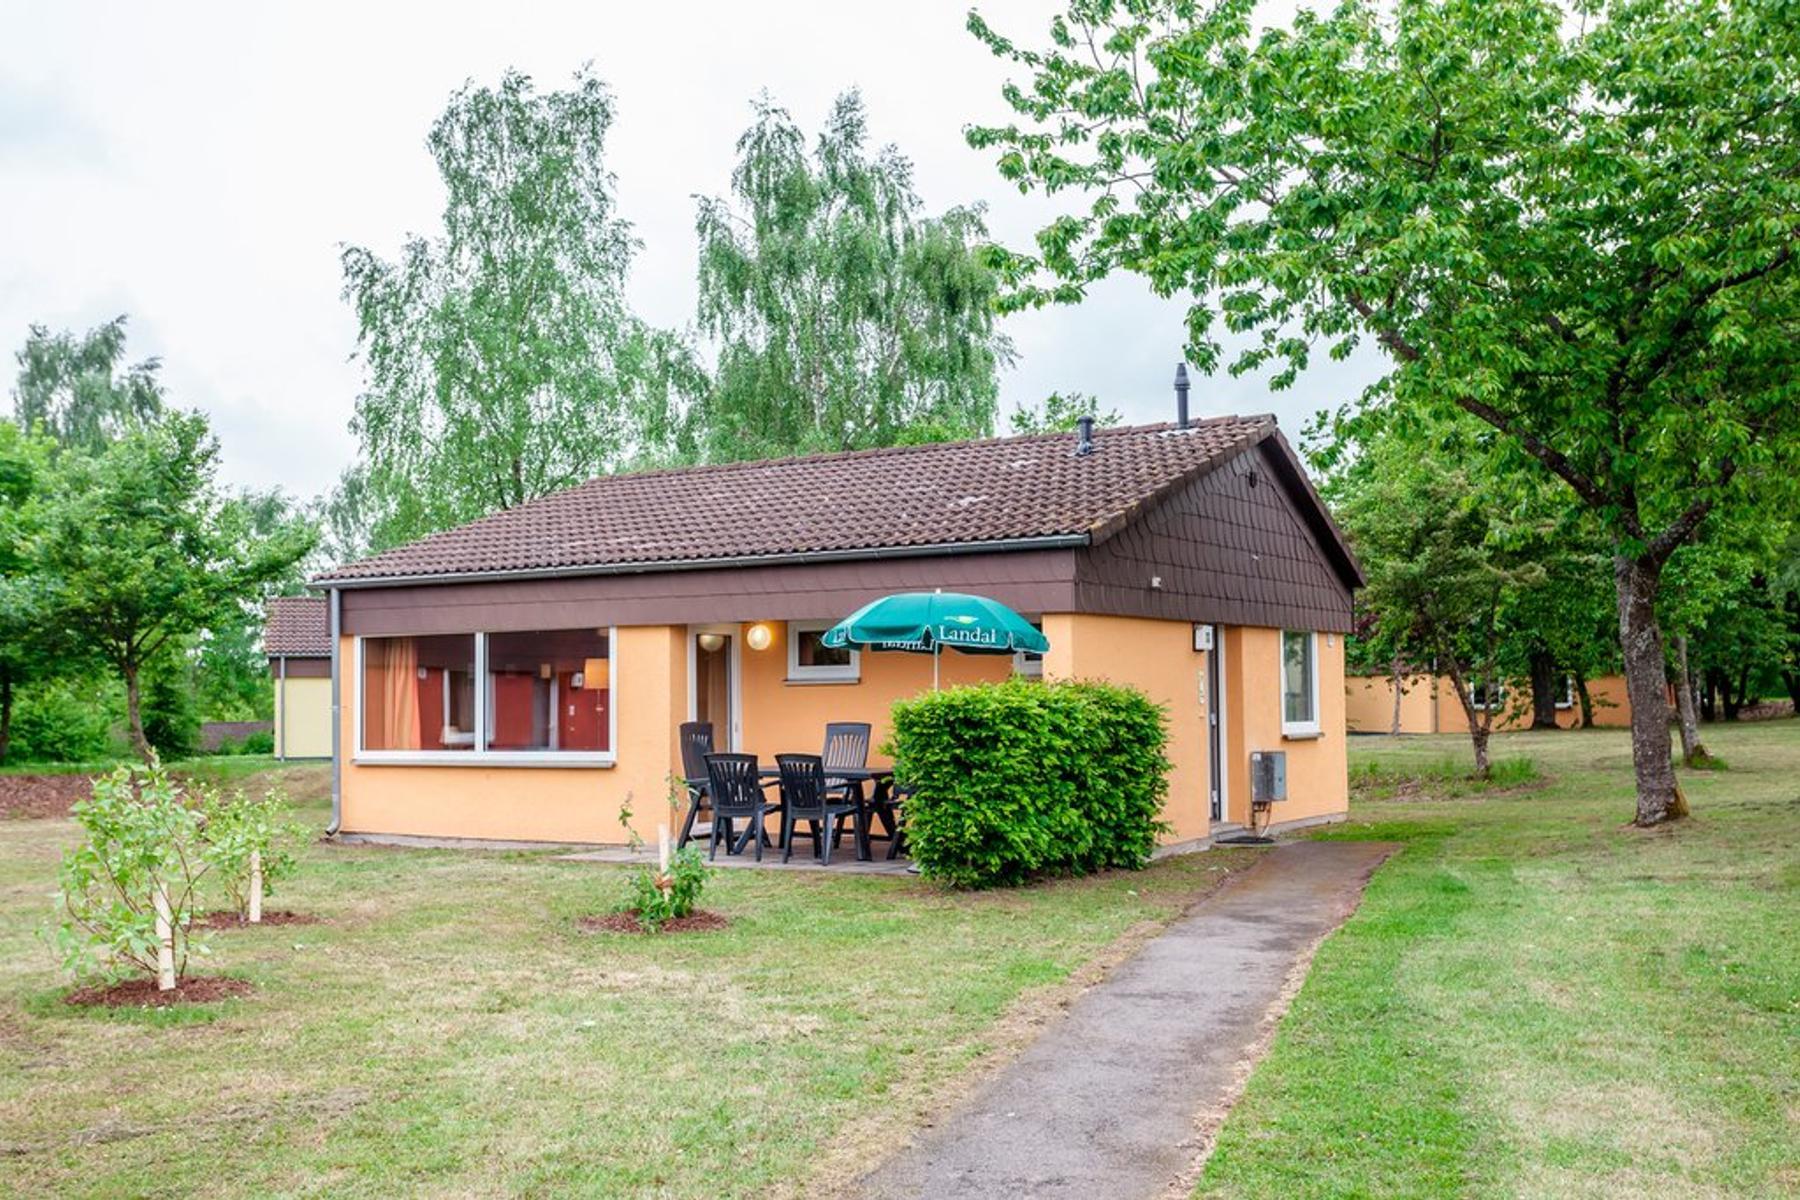 Saarburg 2 Bungalow 44 in Saarburg